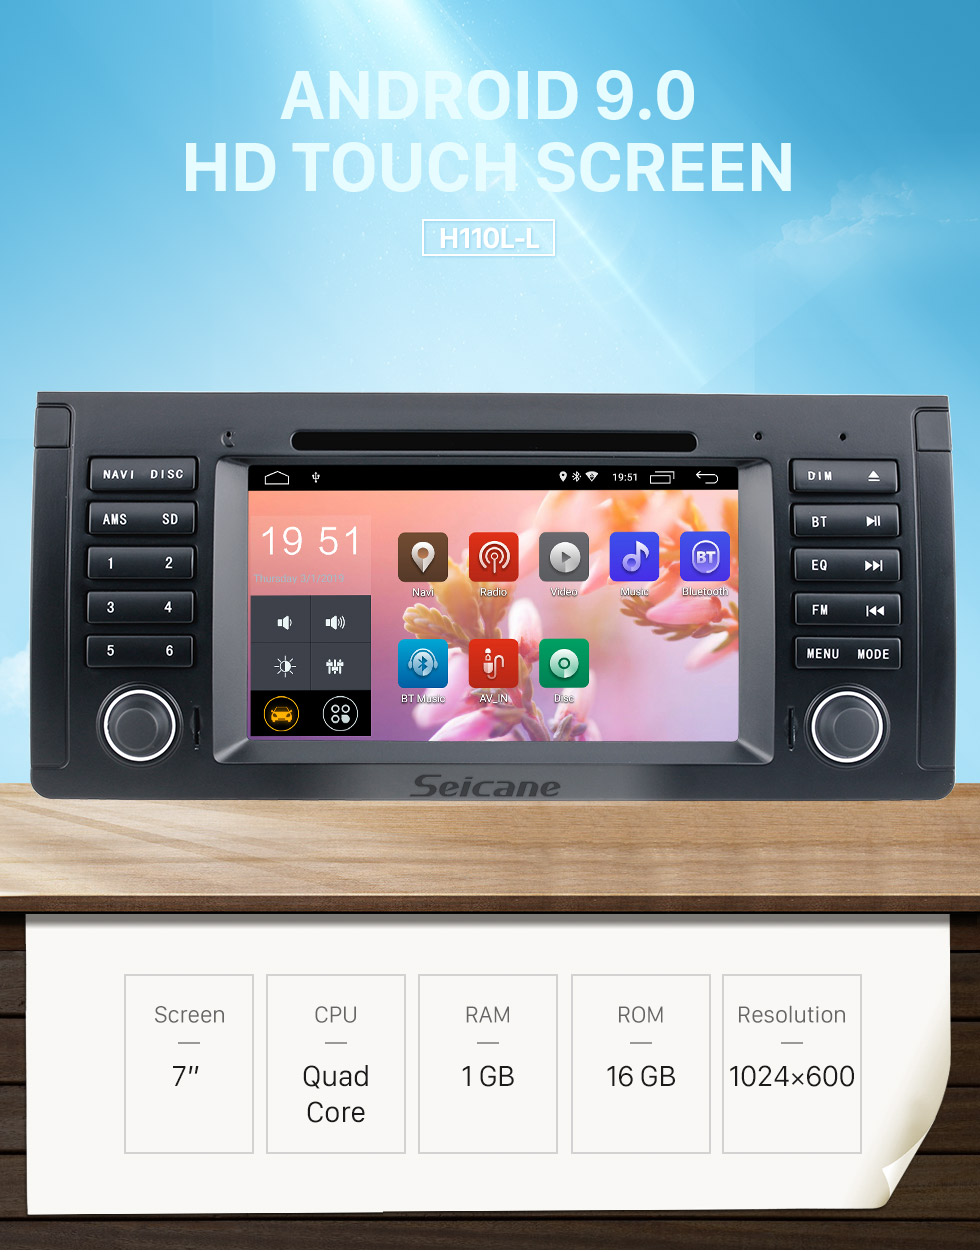 Seicane 7 polegadas para 2000-2007 BMW X5 E53 3.0i 3.0d 4.4i 4.6is 4.8is 1996-2003 BMW 5 Série E39 rádio com navegação GPS Android 9.0 HD Tela sensível ao toque Bluetooth WIFI Câmera retrovisora